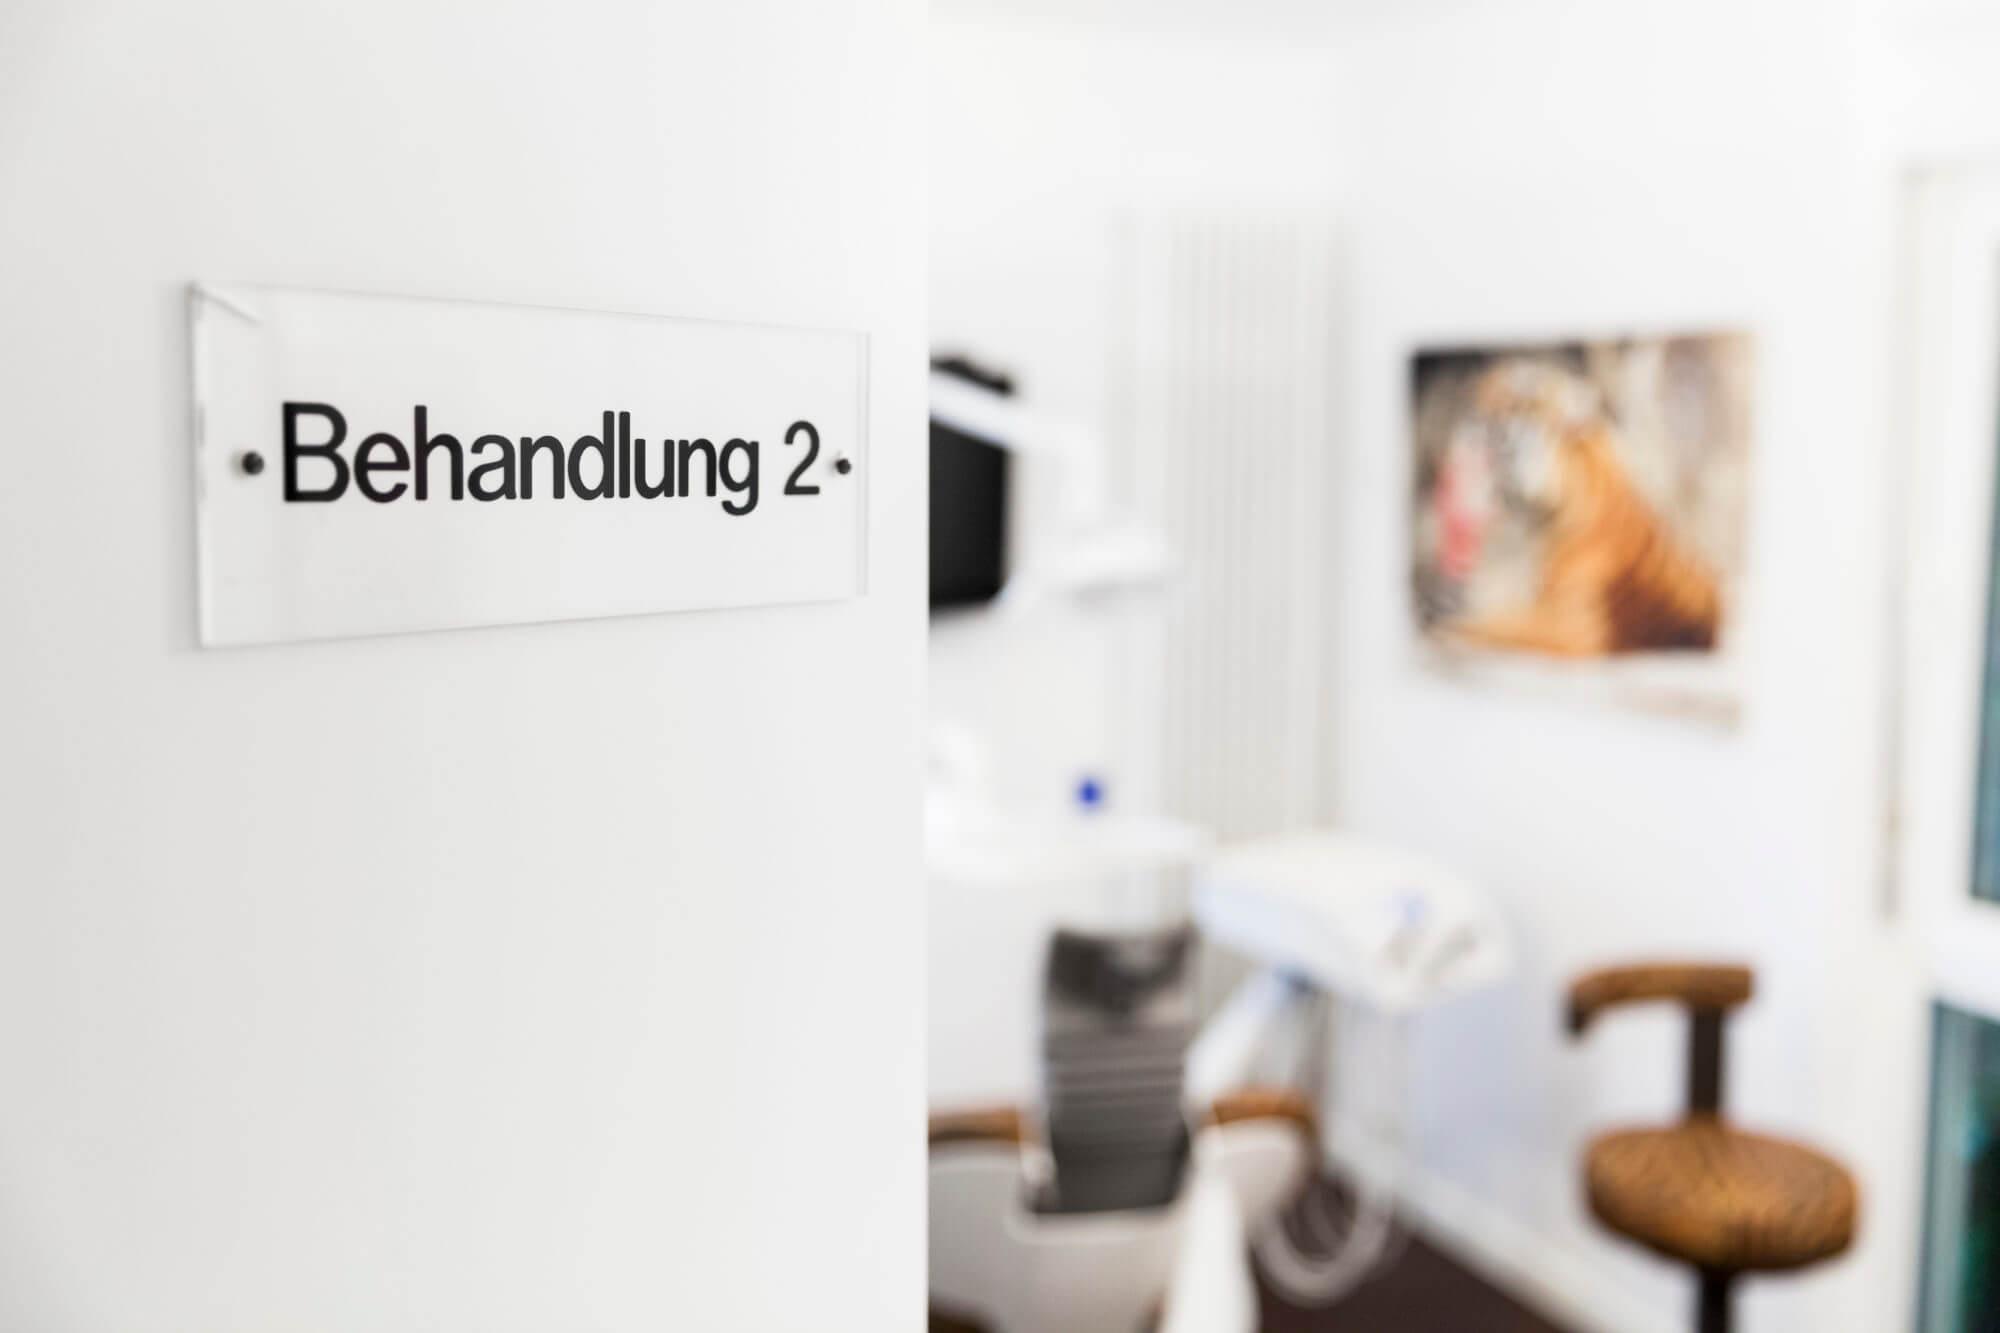 Einblick in das Behandlungszimmer 2